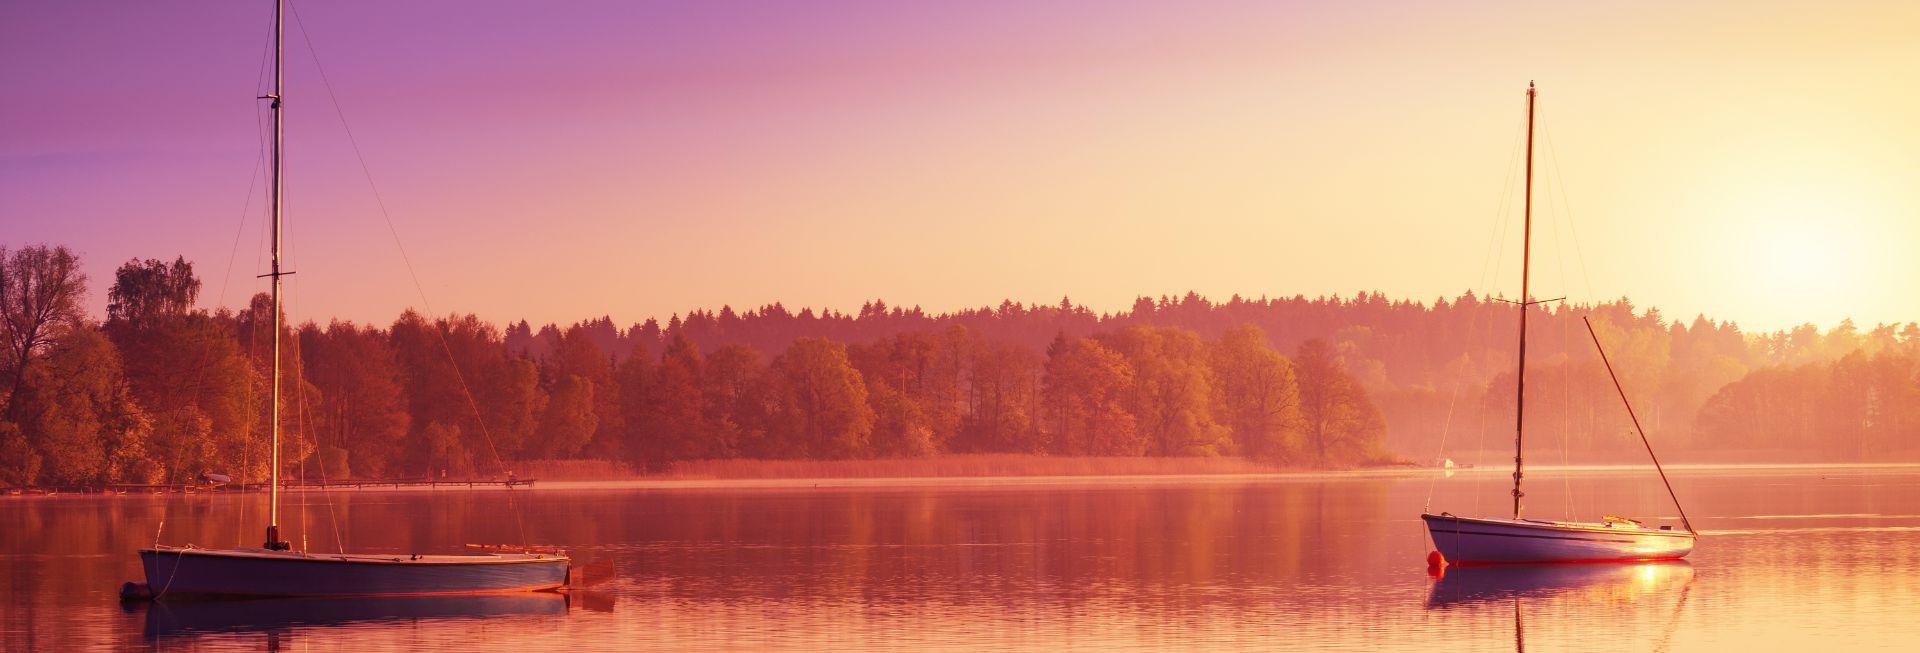 Zdjęcie przedstawia dwie łódki bez załogi dryfujące na jeziorze w czasie zachodu słońca chowającego się za linią drzew.